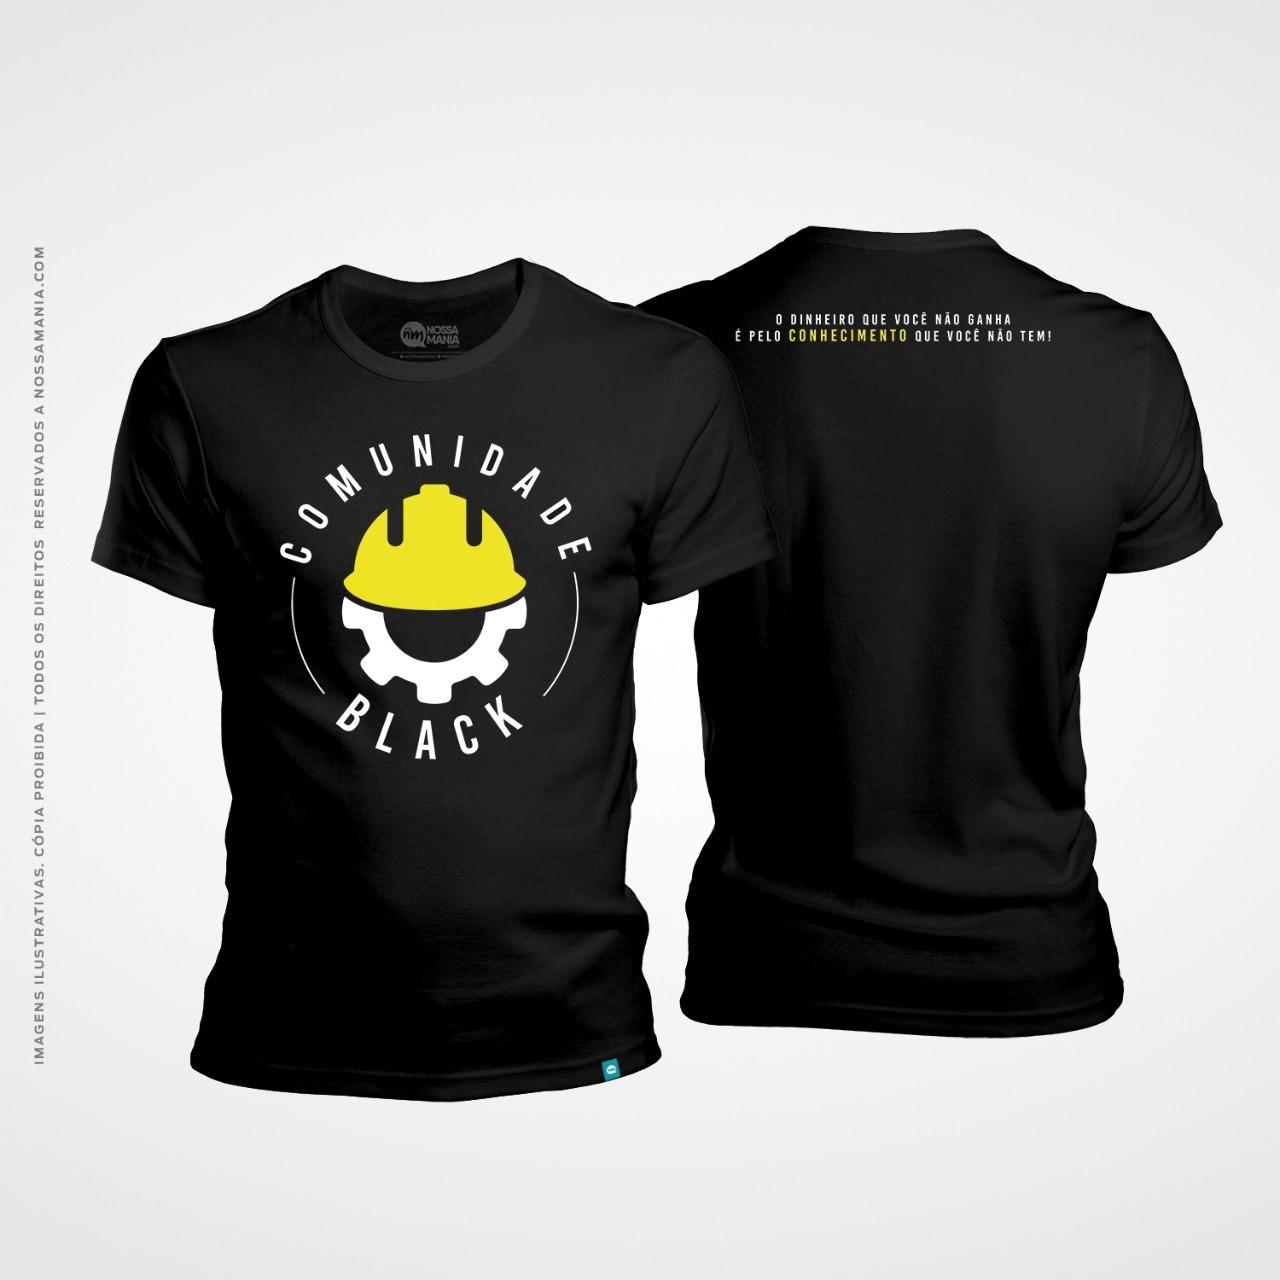 Camisa plantão engenharia: comunidade black